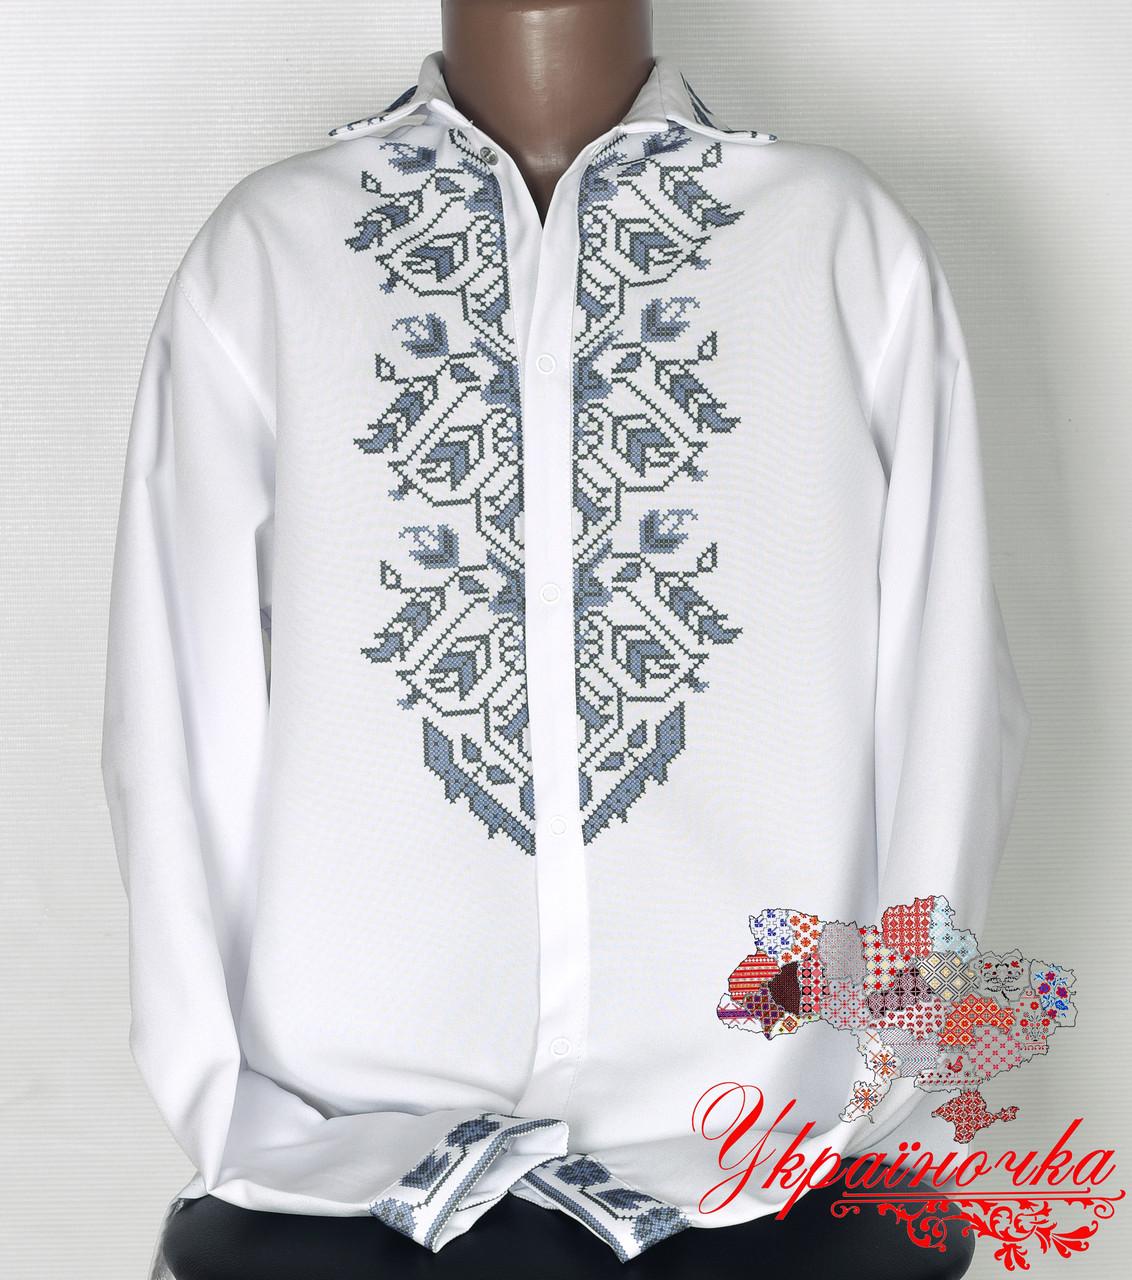 Рубашка для мальчика (Пошита заготовка) №030.2